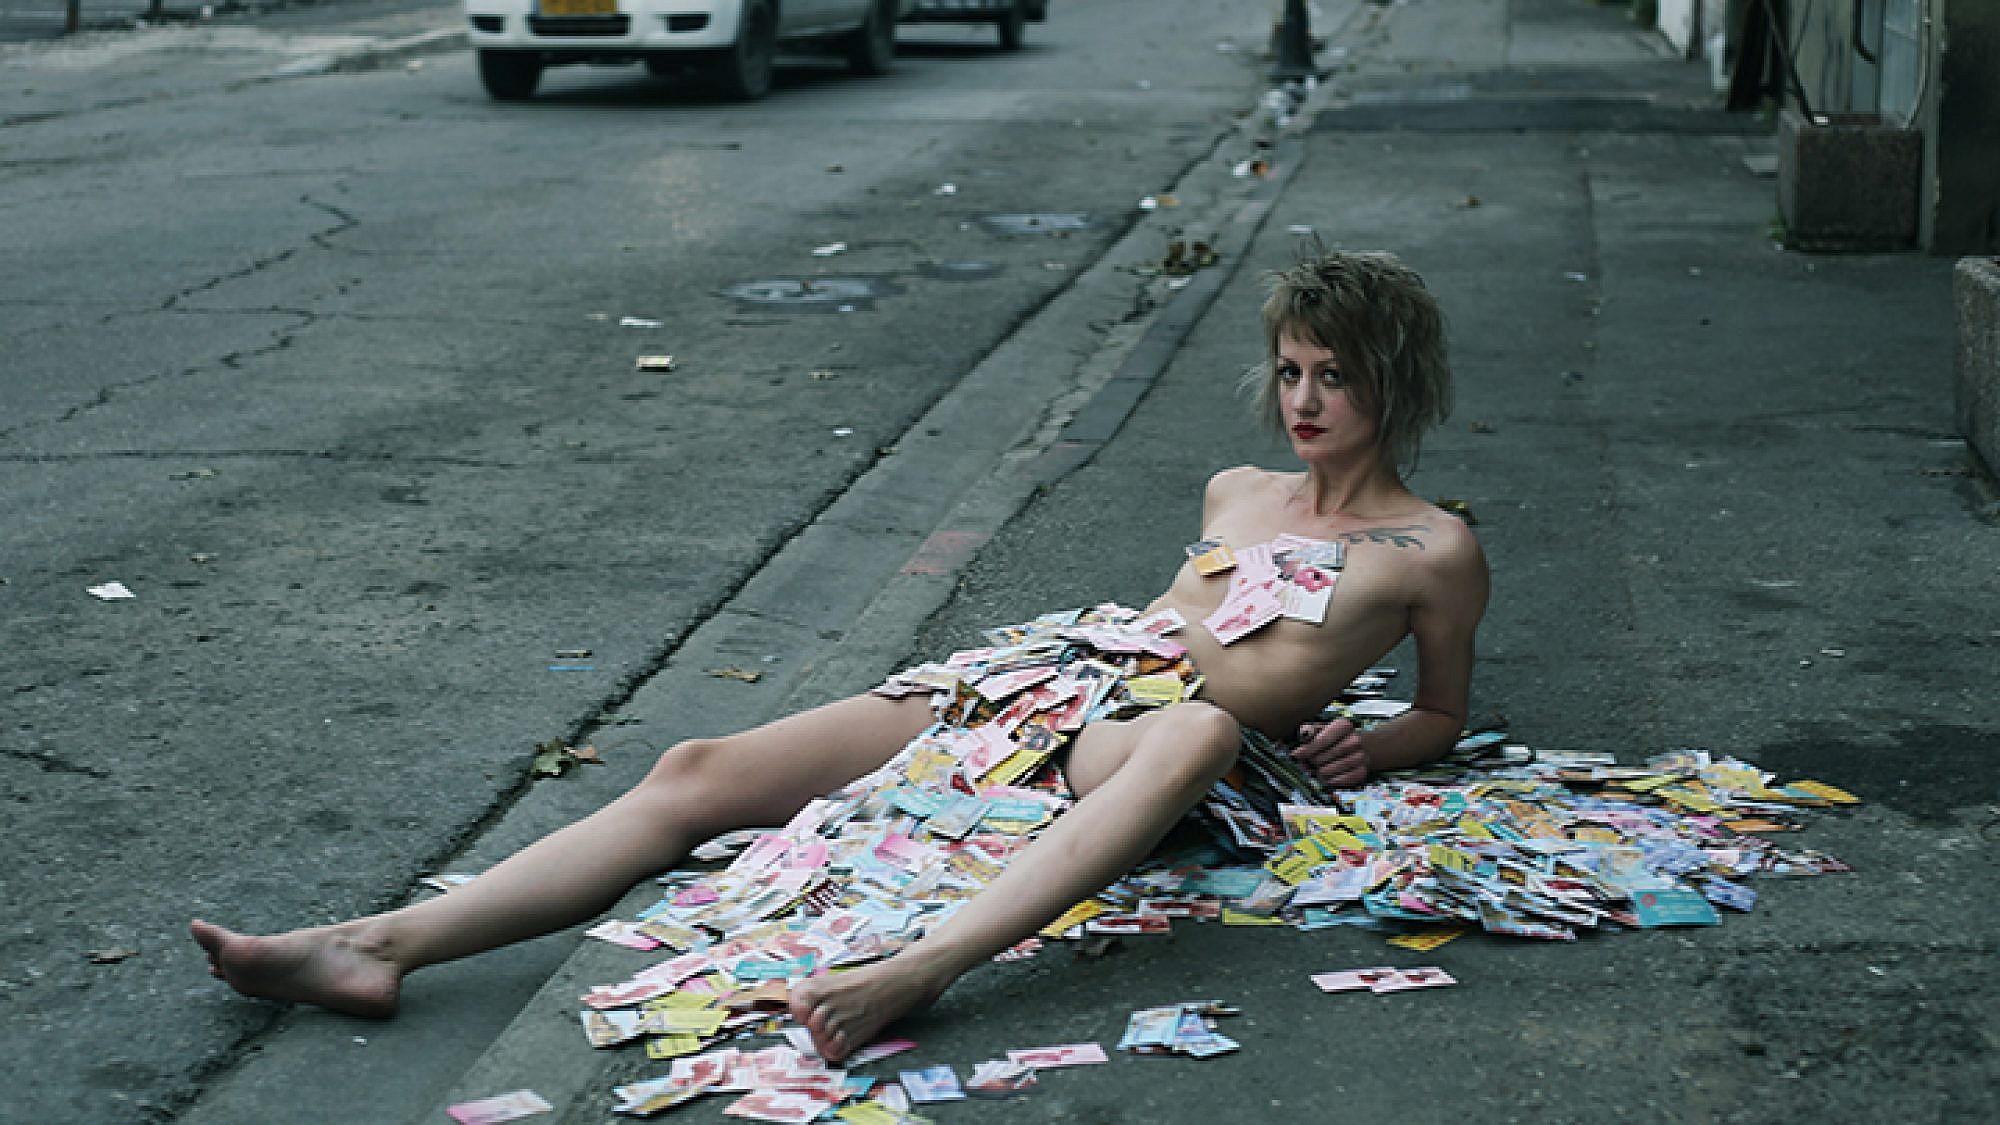 האמנית סשה קורבטוב מכוסה בכרטיסי ביקור של זנות    צילום: וננה בוריאן